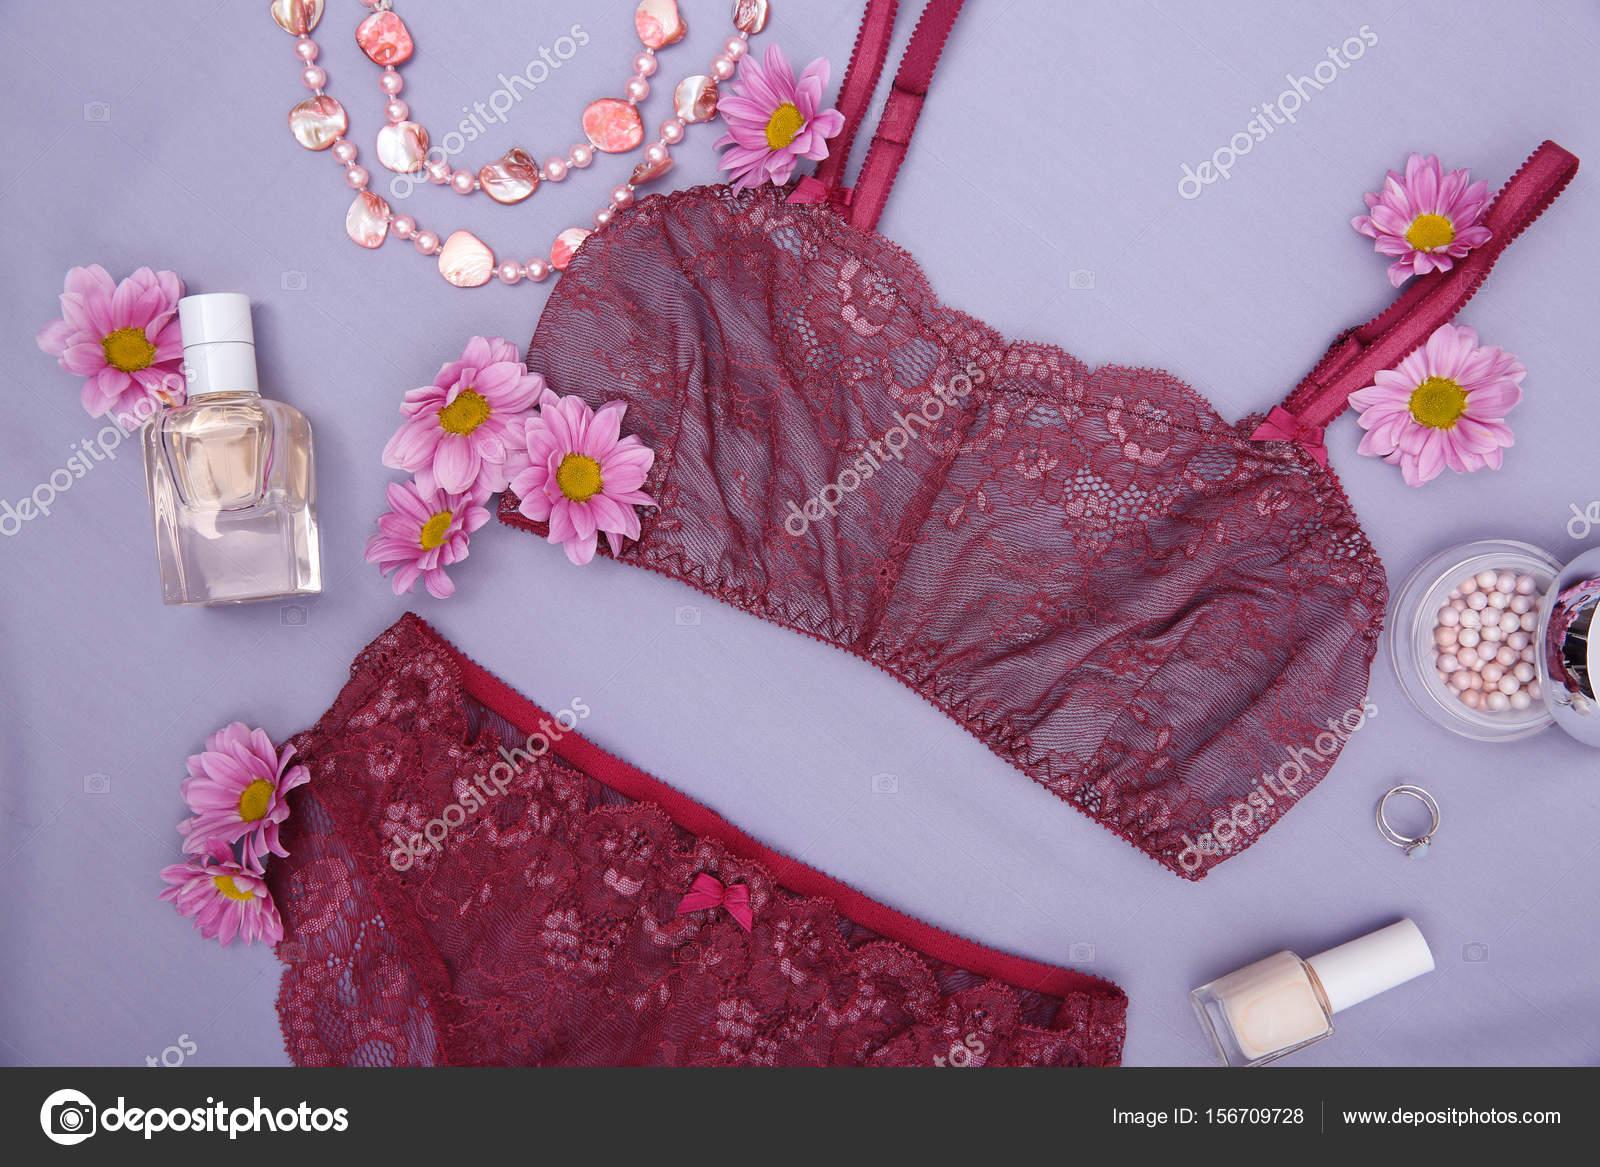 Composición con hermosa ropa interior femenina 6e6ce63135fd